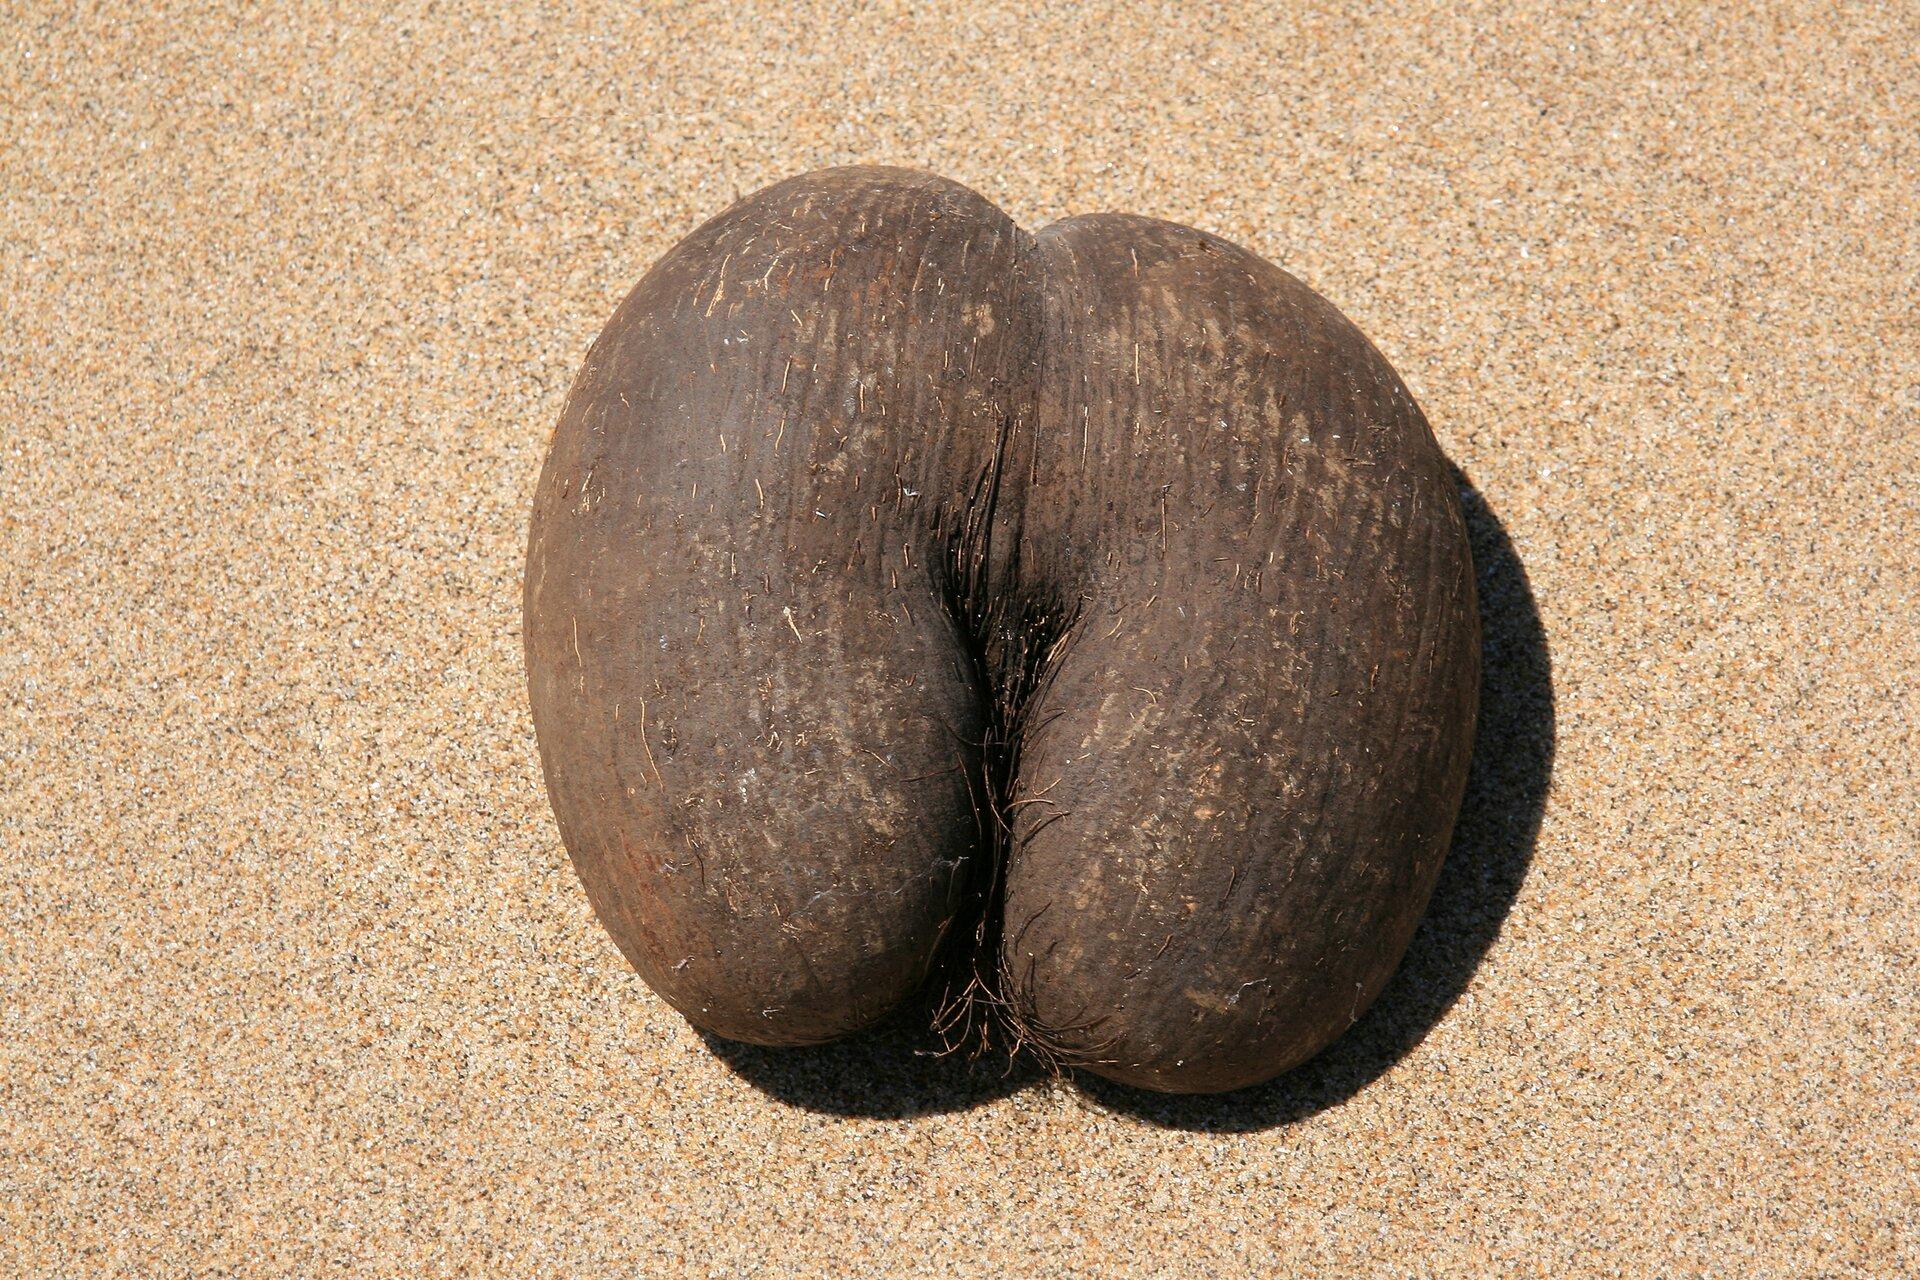 Fotografia przedstawia wielki, ciemnobrązowy owoc lodoicji seszelskiej, leżący na piasku. Składa się zdwóch połączonych części.